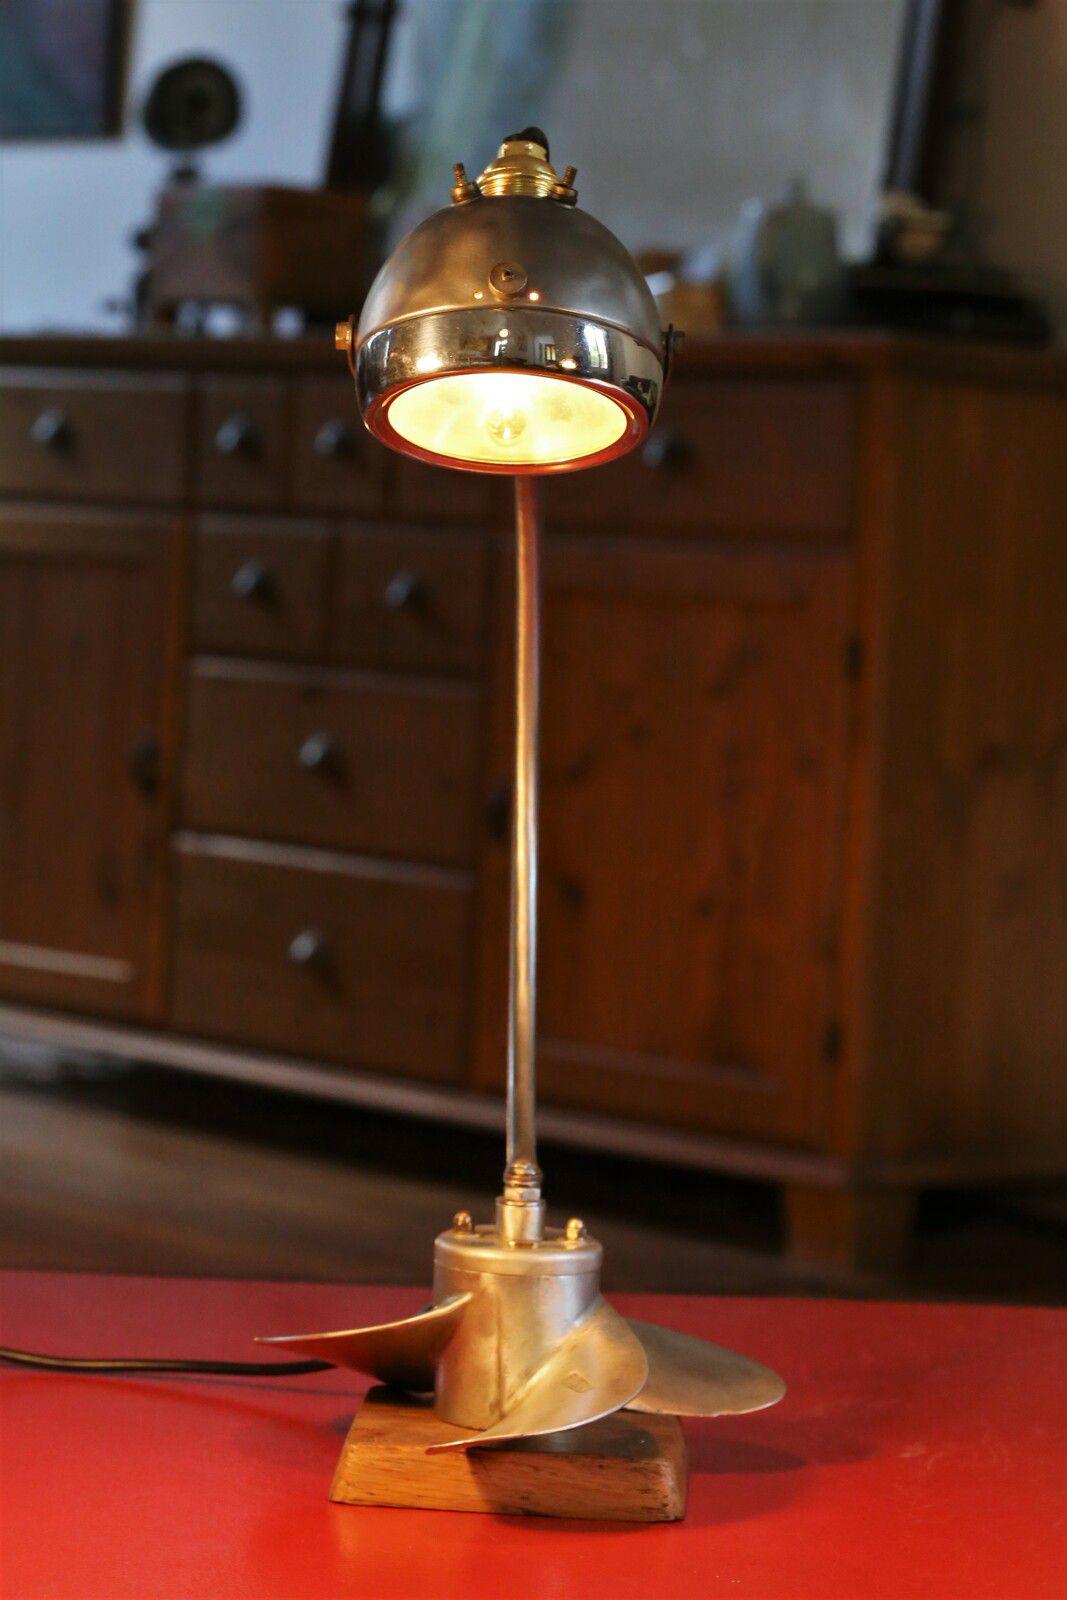 Création d'une lampe unique avec une hélice de bateau et un phare de mobylette vintage